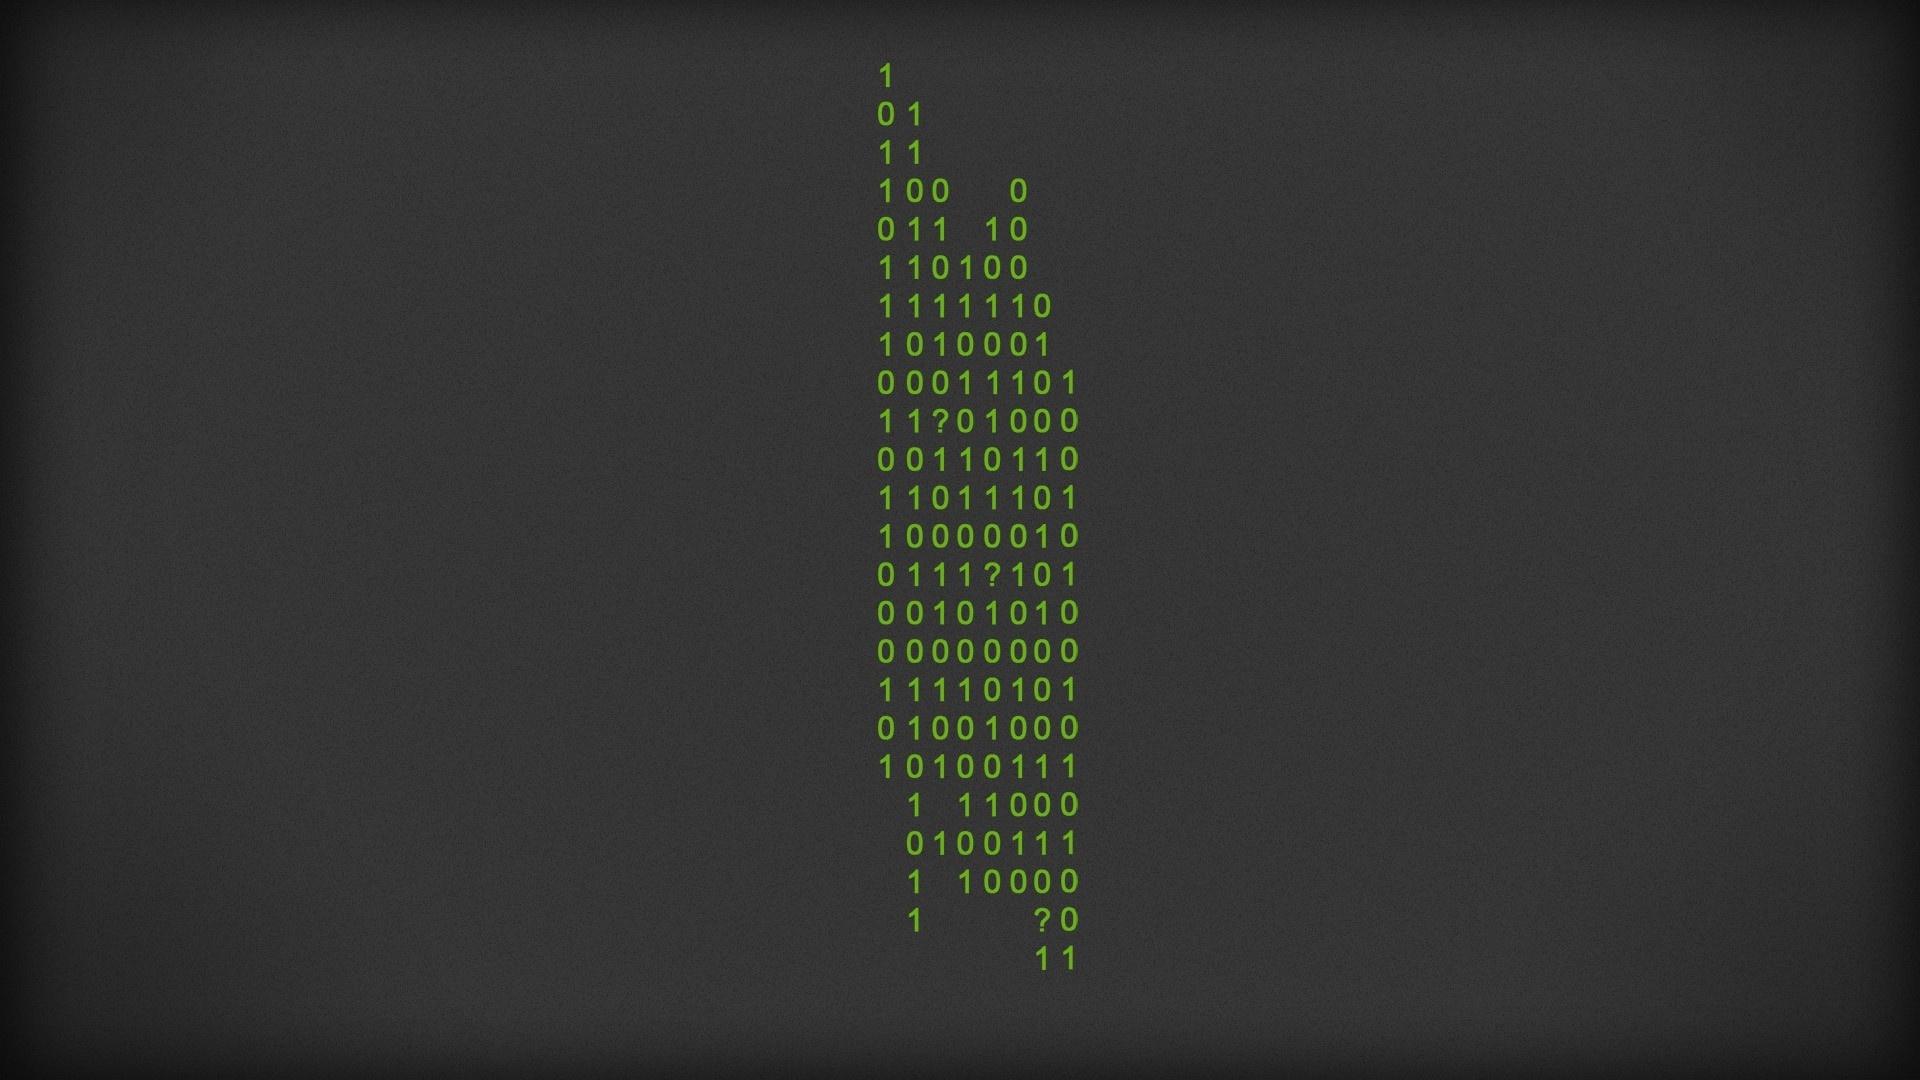 Programming Minimalist Wallpaper for pc